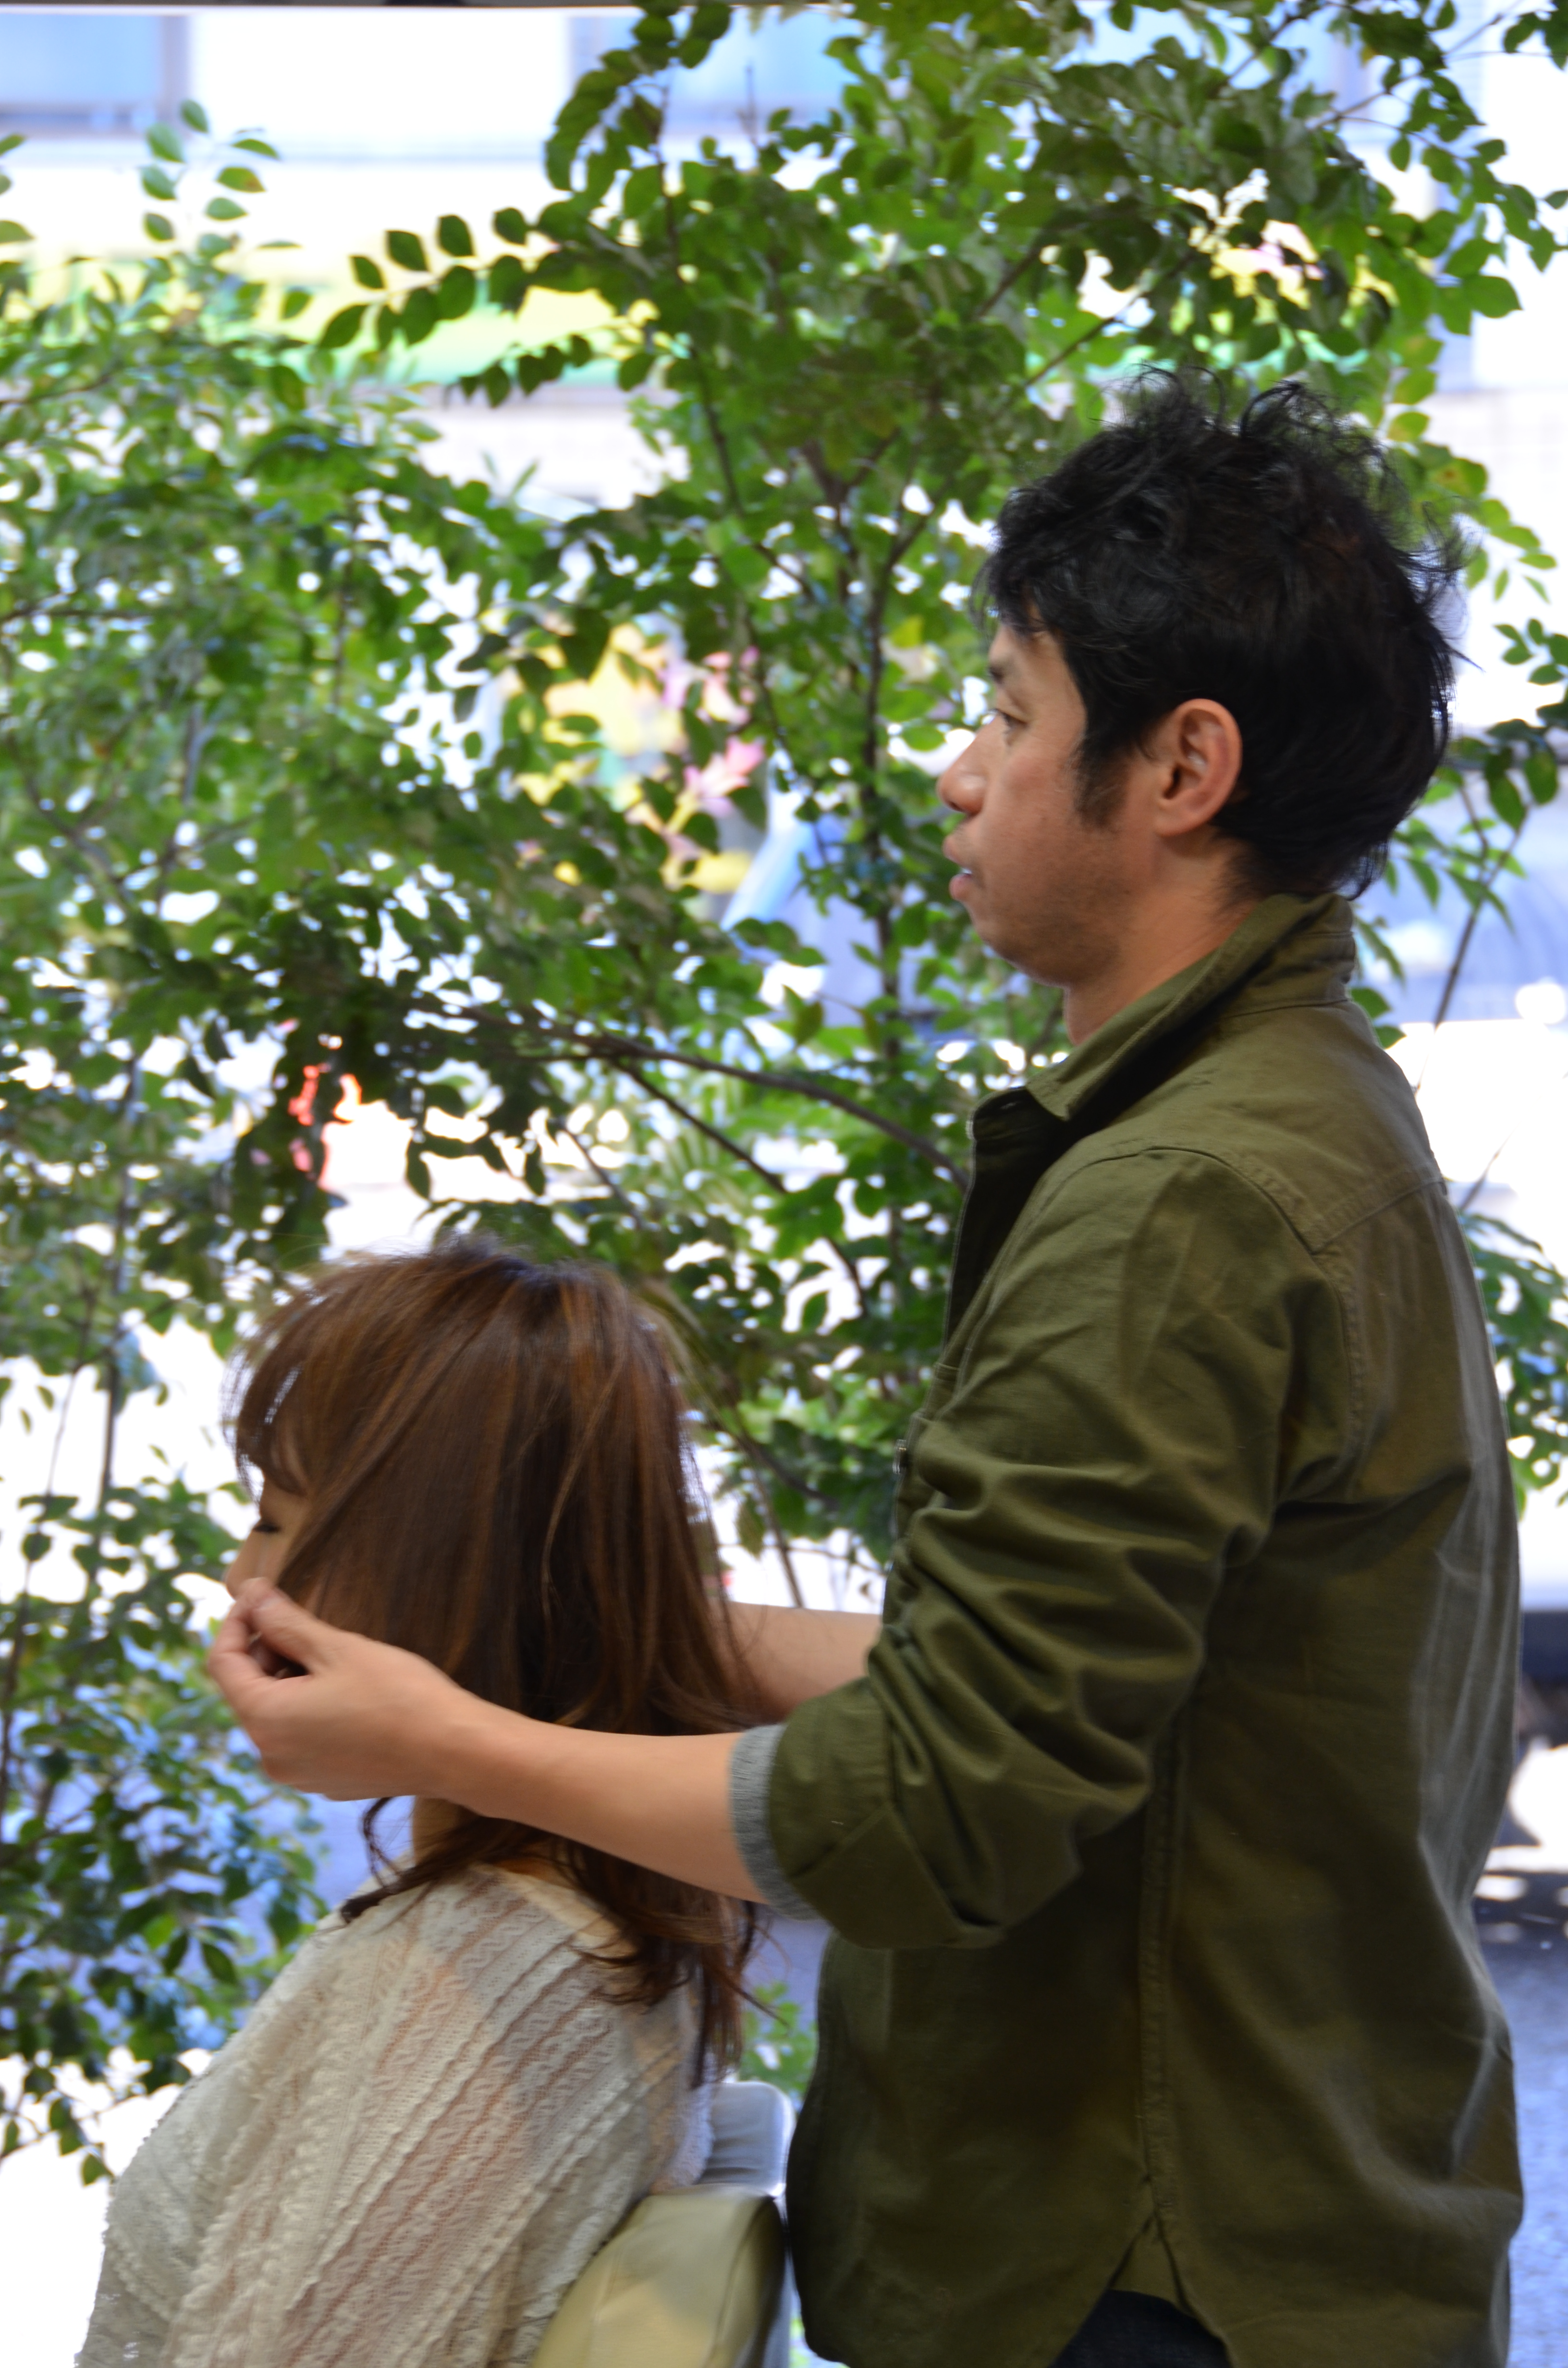 成田・富里のヘアサロン・美容院・美容室エムズハウスでは、コンサルティングをしっかりいたします。